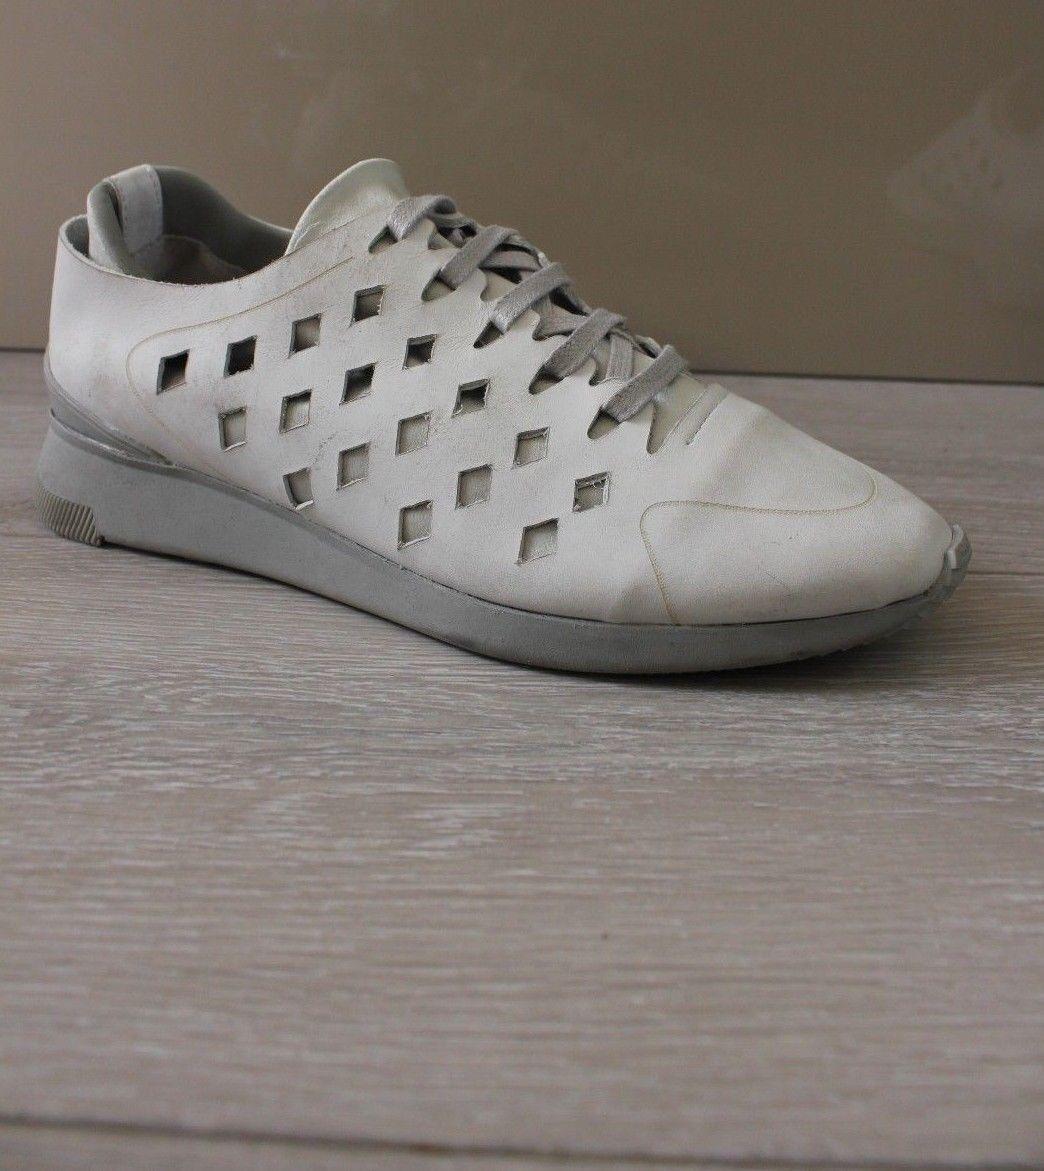 H By Hudson Cuero Cuero Cuero blancoo Halliday Nubuck Zapatillas zapatillas 4 37 Nuevo  orden ahora disfrutar de gran descuento